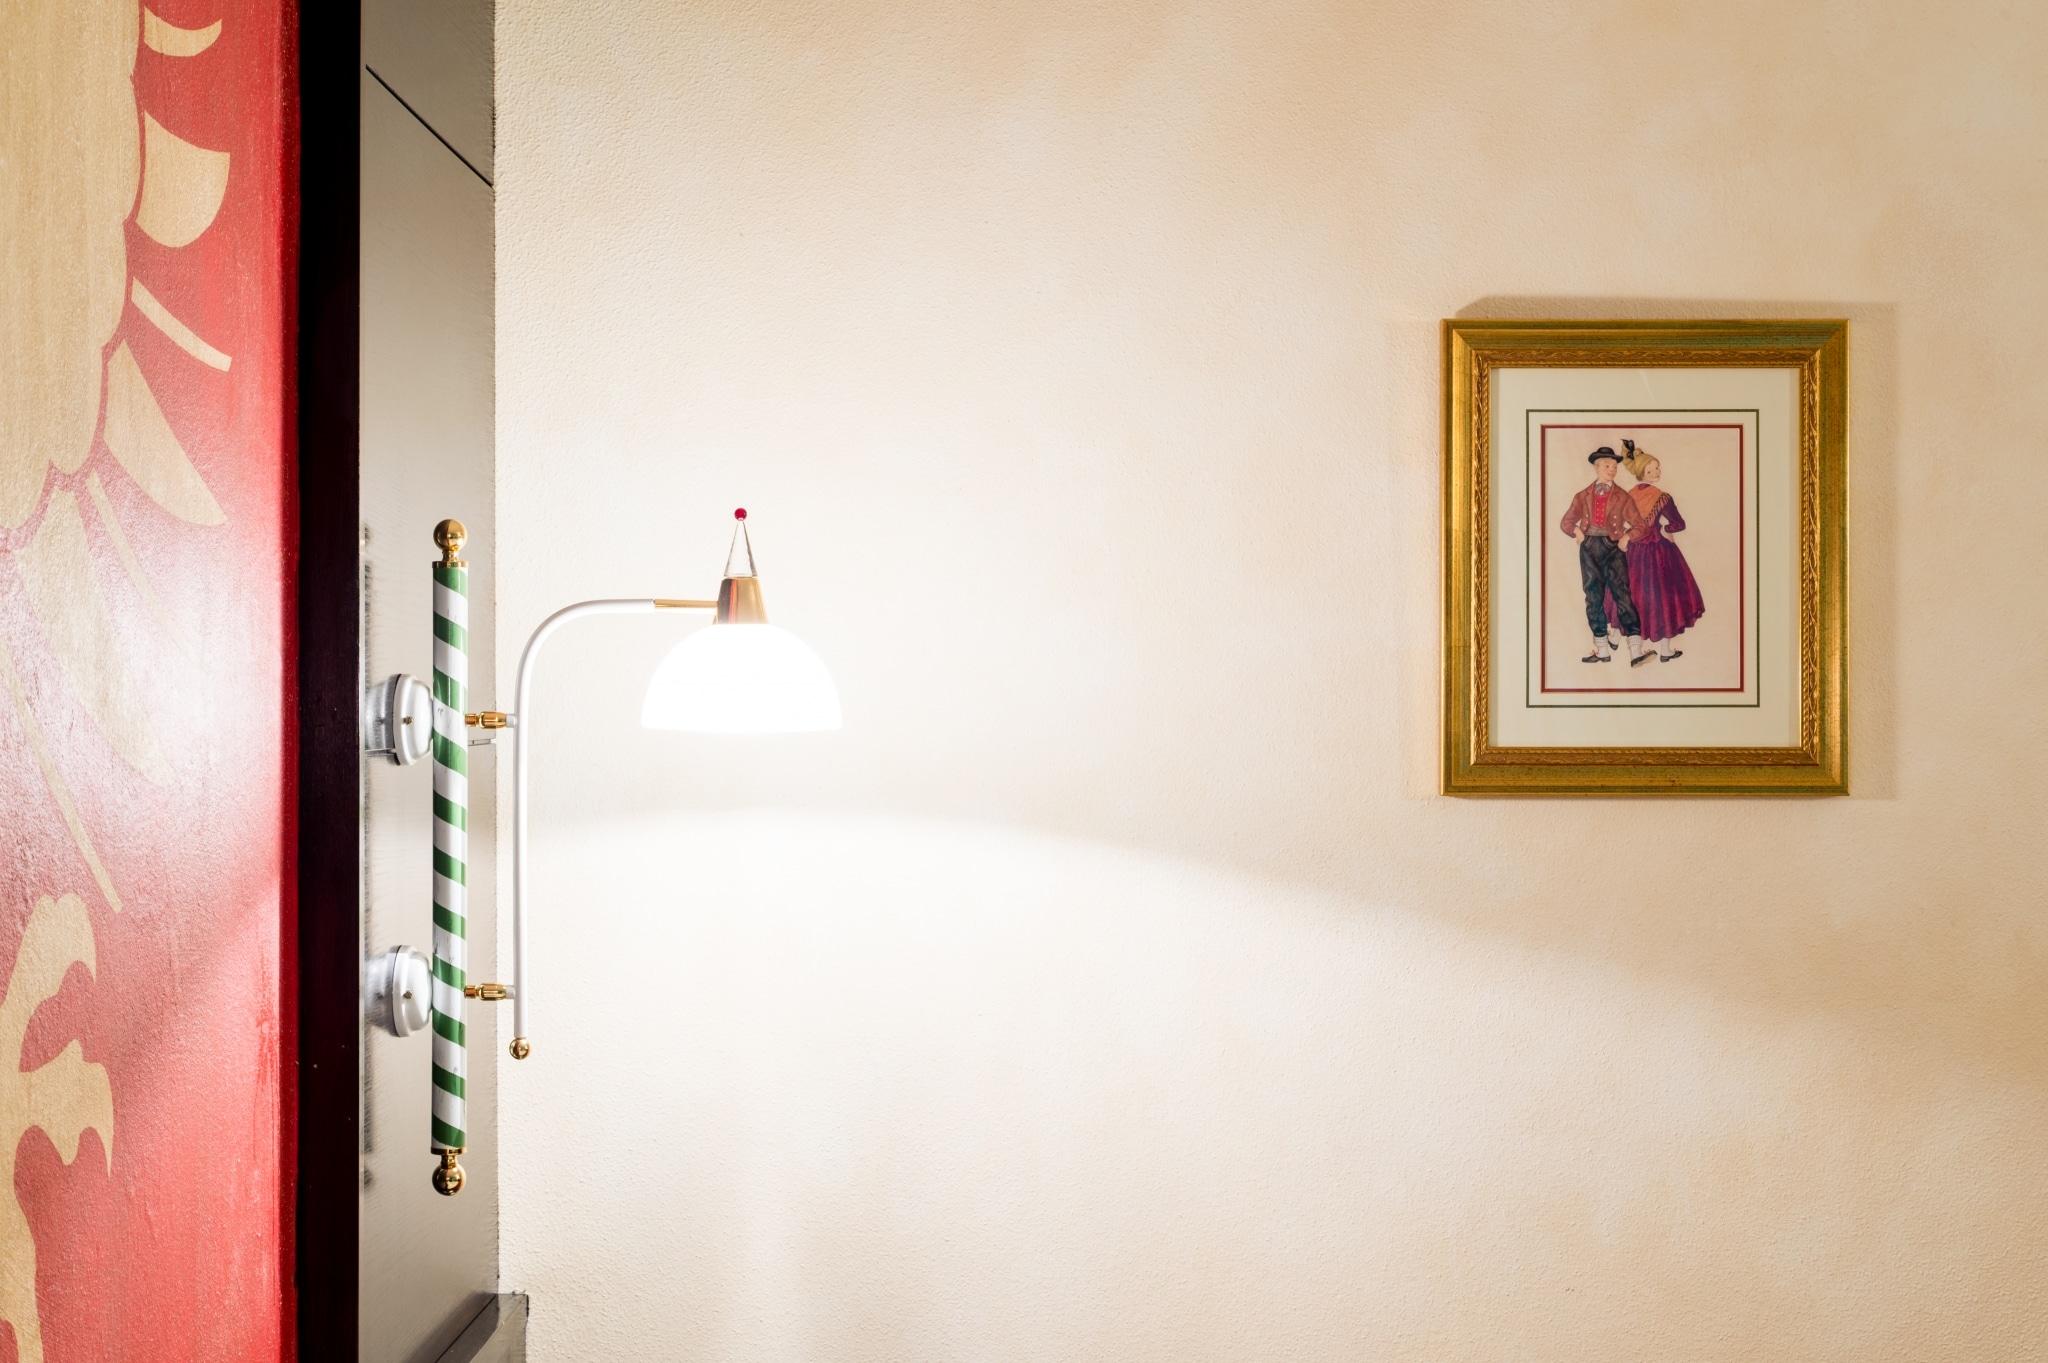 Bei uns im Hotel Schrofenstein erwarten Sie 47 gemütlich eingerichtete Zimmer, in fünf verschiedenen Kategorien. So ist garantiert auch für Sie das passende Zimmer dabei.